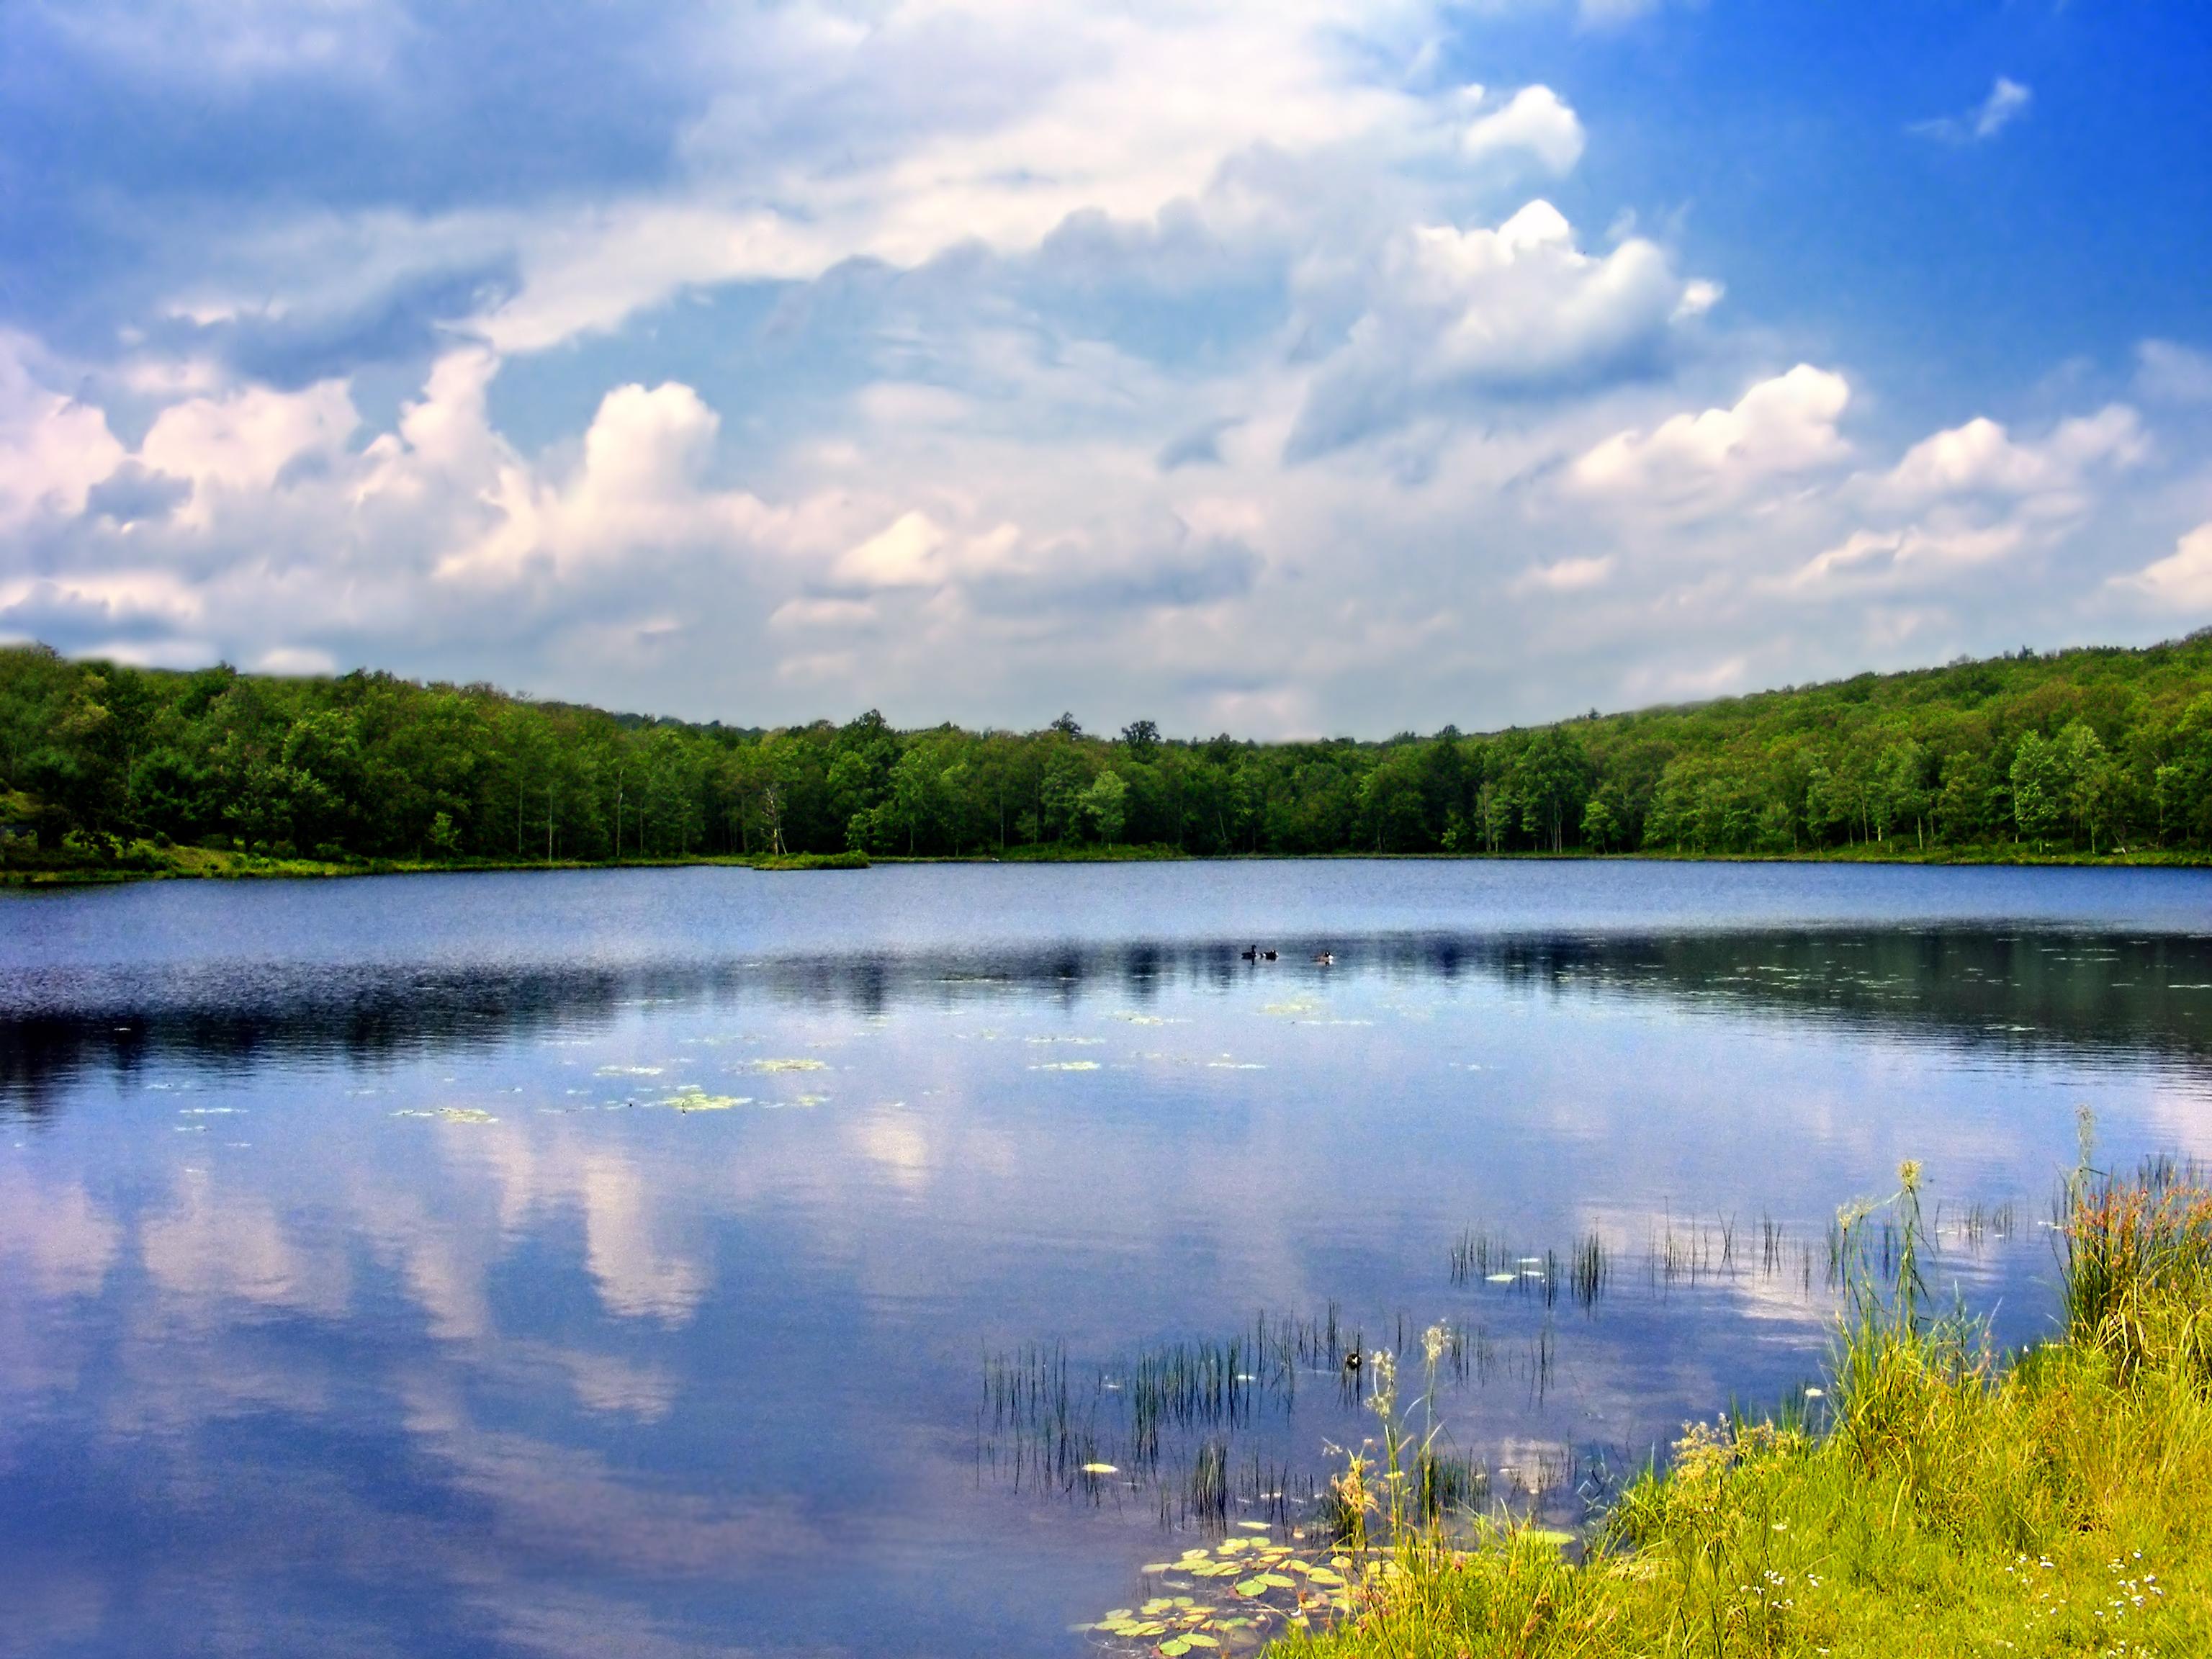 Картинки водоемов рек и озер